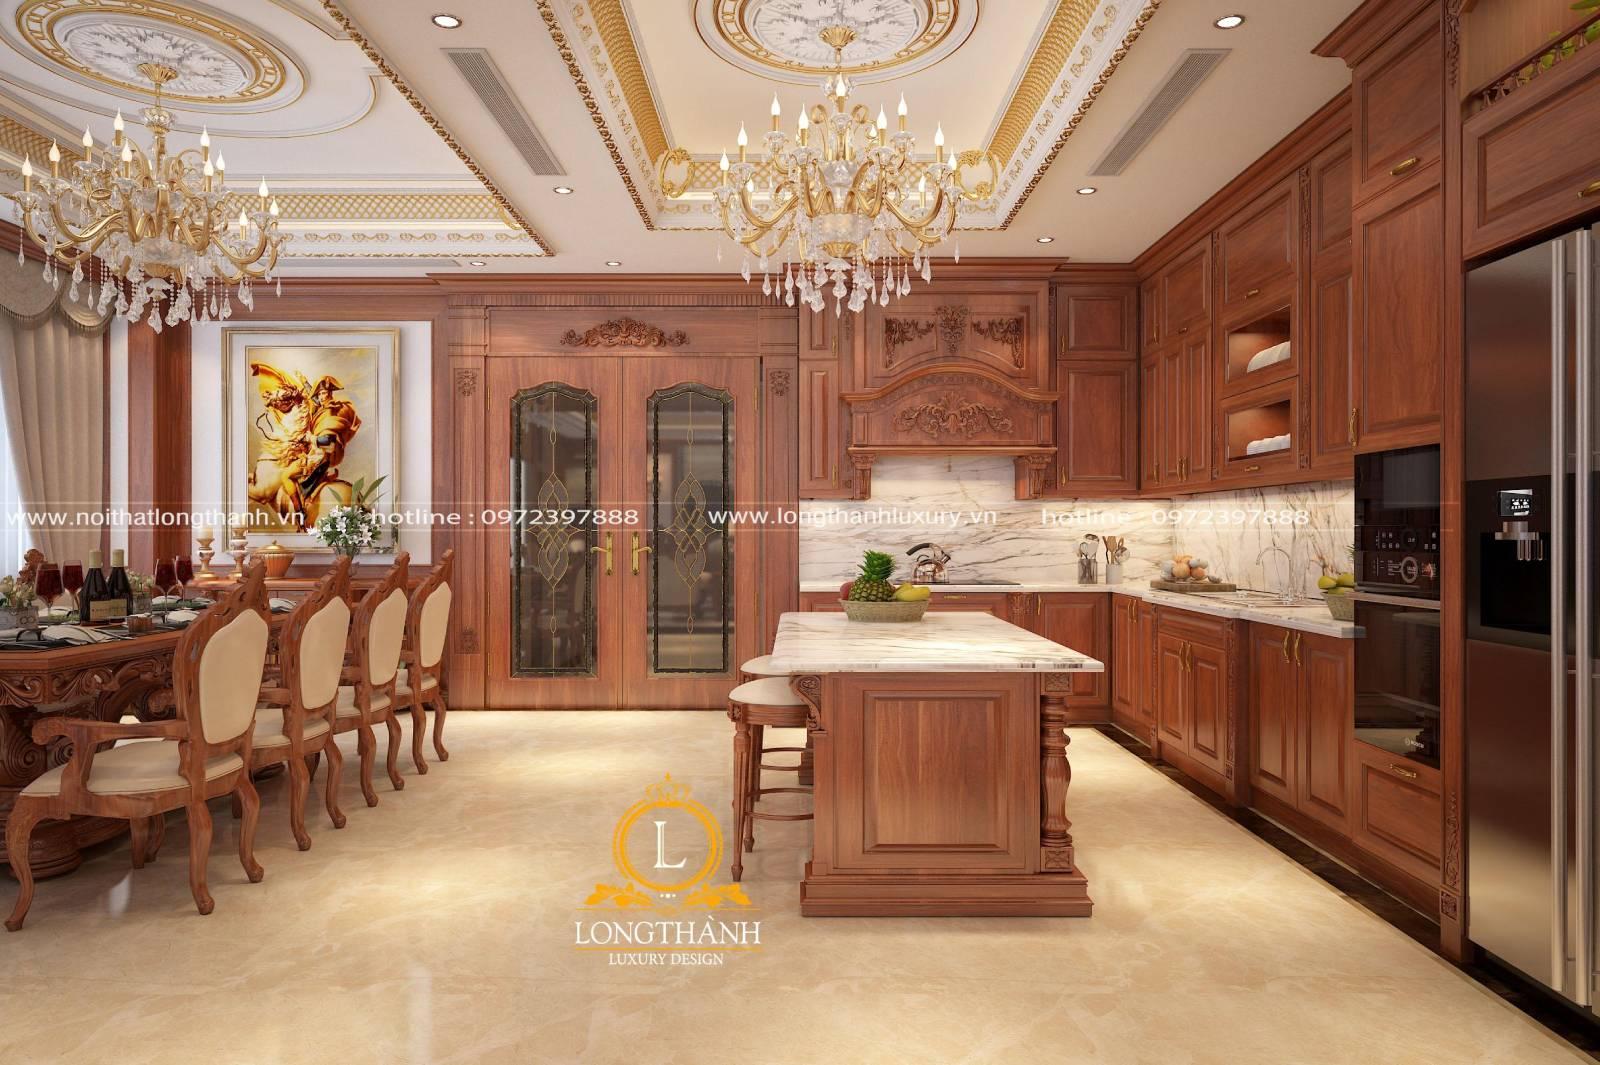 Thiết kế tủ bếp đẳng cấp tinh tế bằng chất liệu gỗ Gõ đỏ